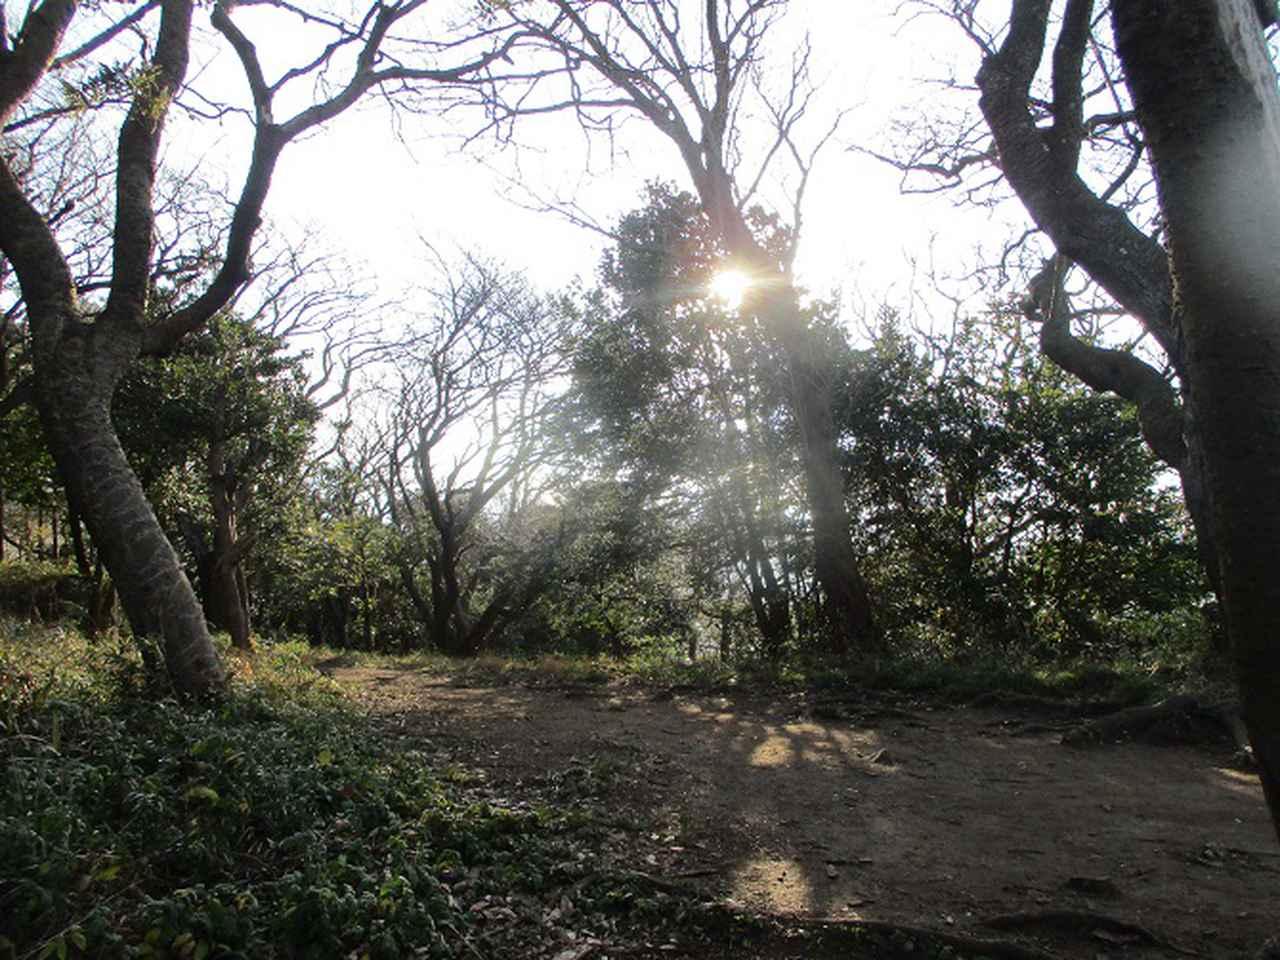 画像2: 1月の山旅会現地集合ツアー 「阿部倉山から二子山」 ツアーの下見に行ってきました!